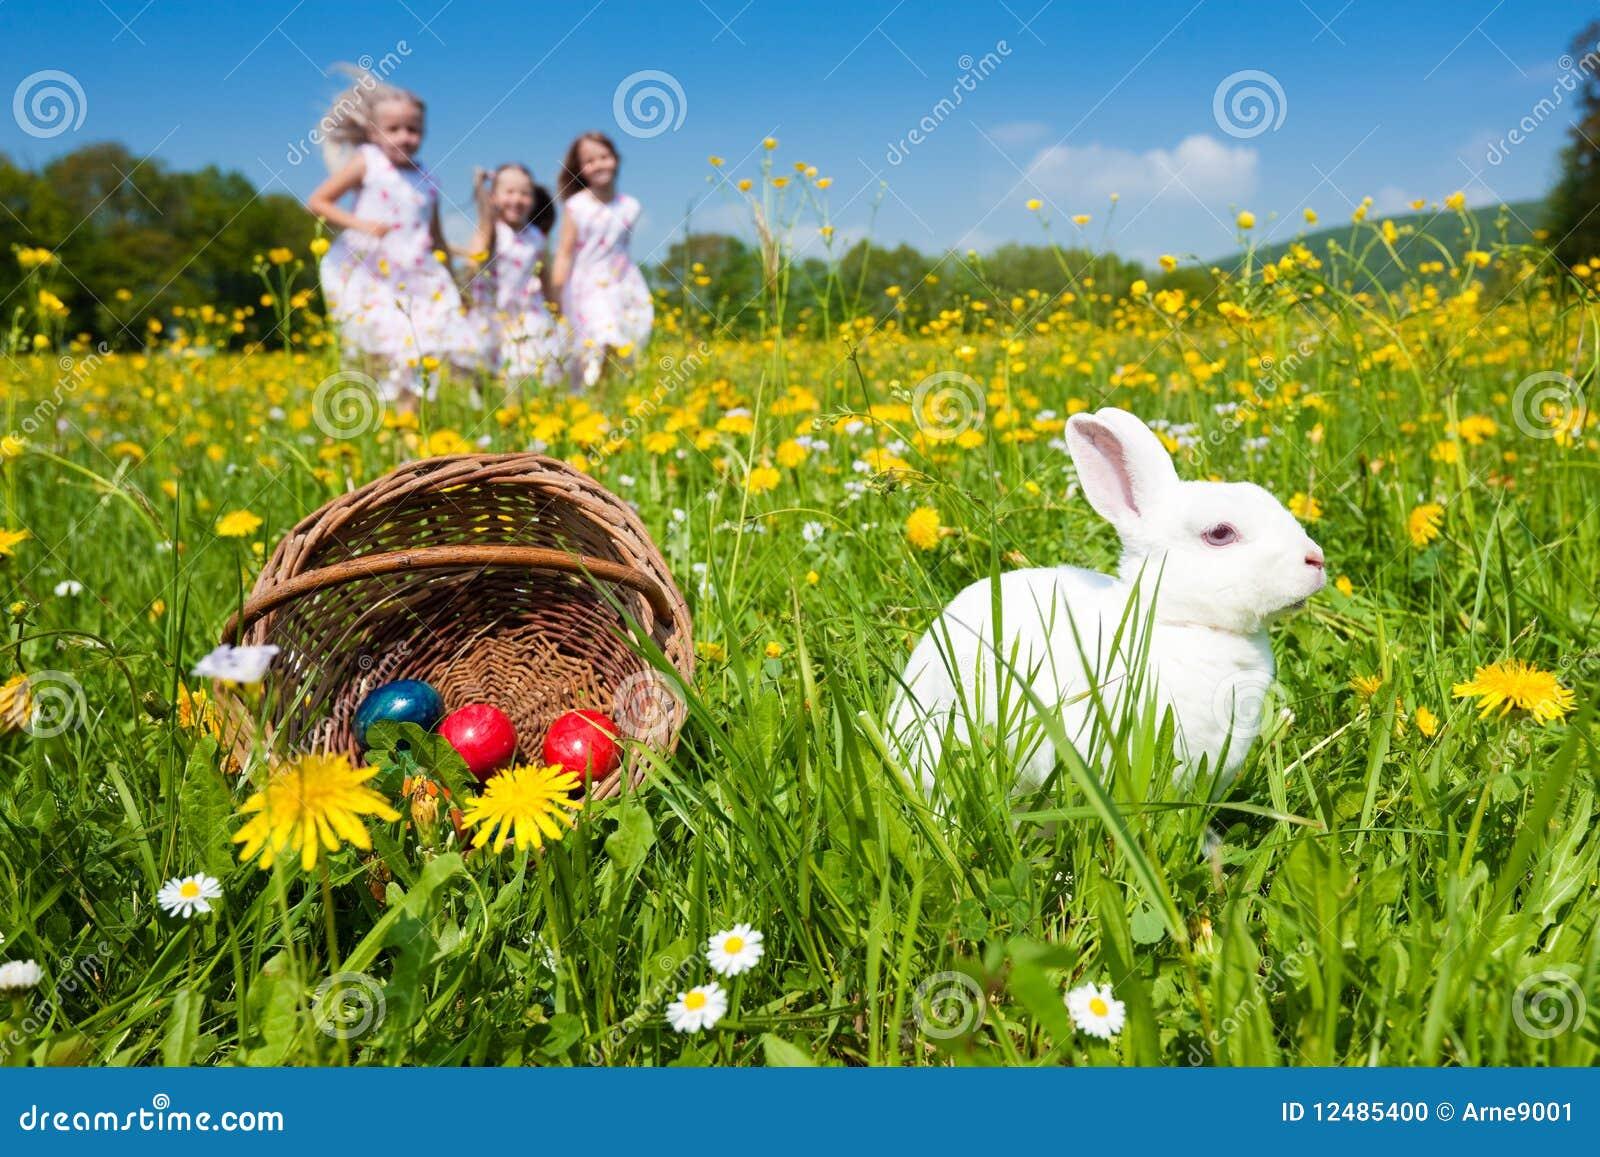 Coelho de Easter que presta atenção ao ovo caçar